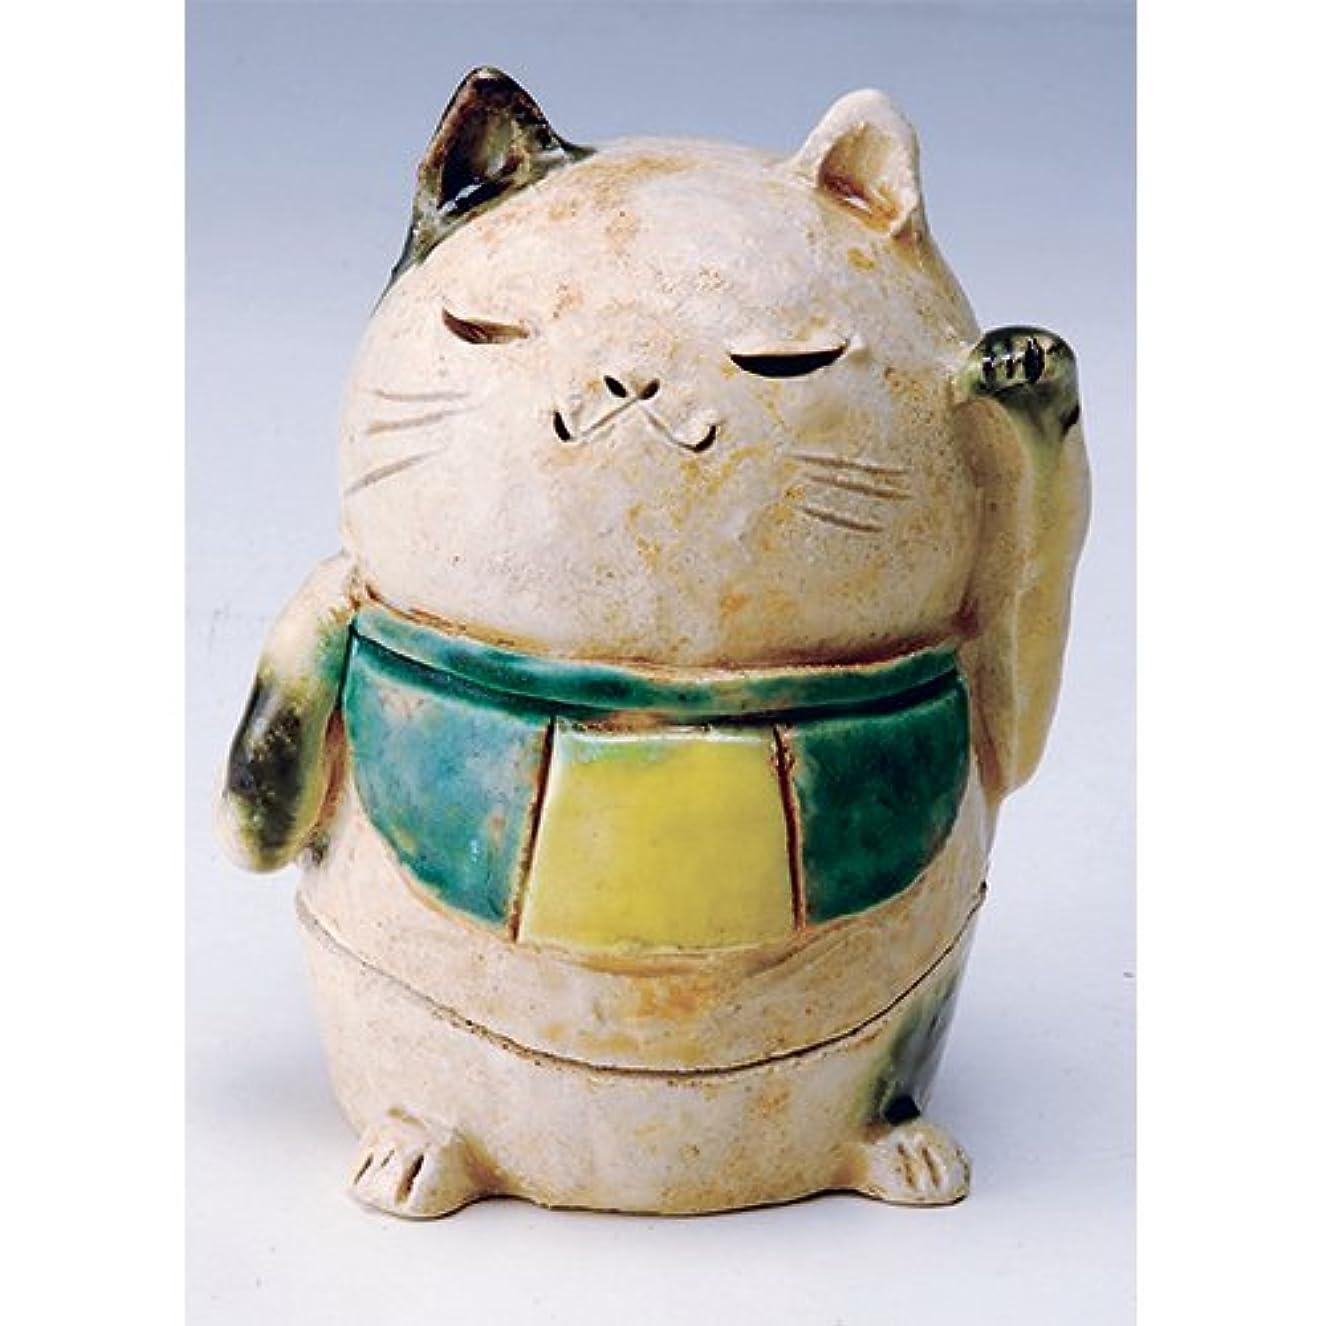 香炉 白萩 招き猫(人)香炉(大) [H11cm] HANDMADE プレゼント ギフト 和食器 かわいい インテリア